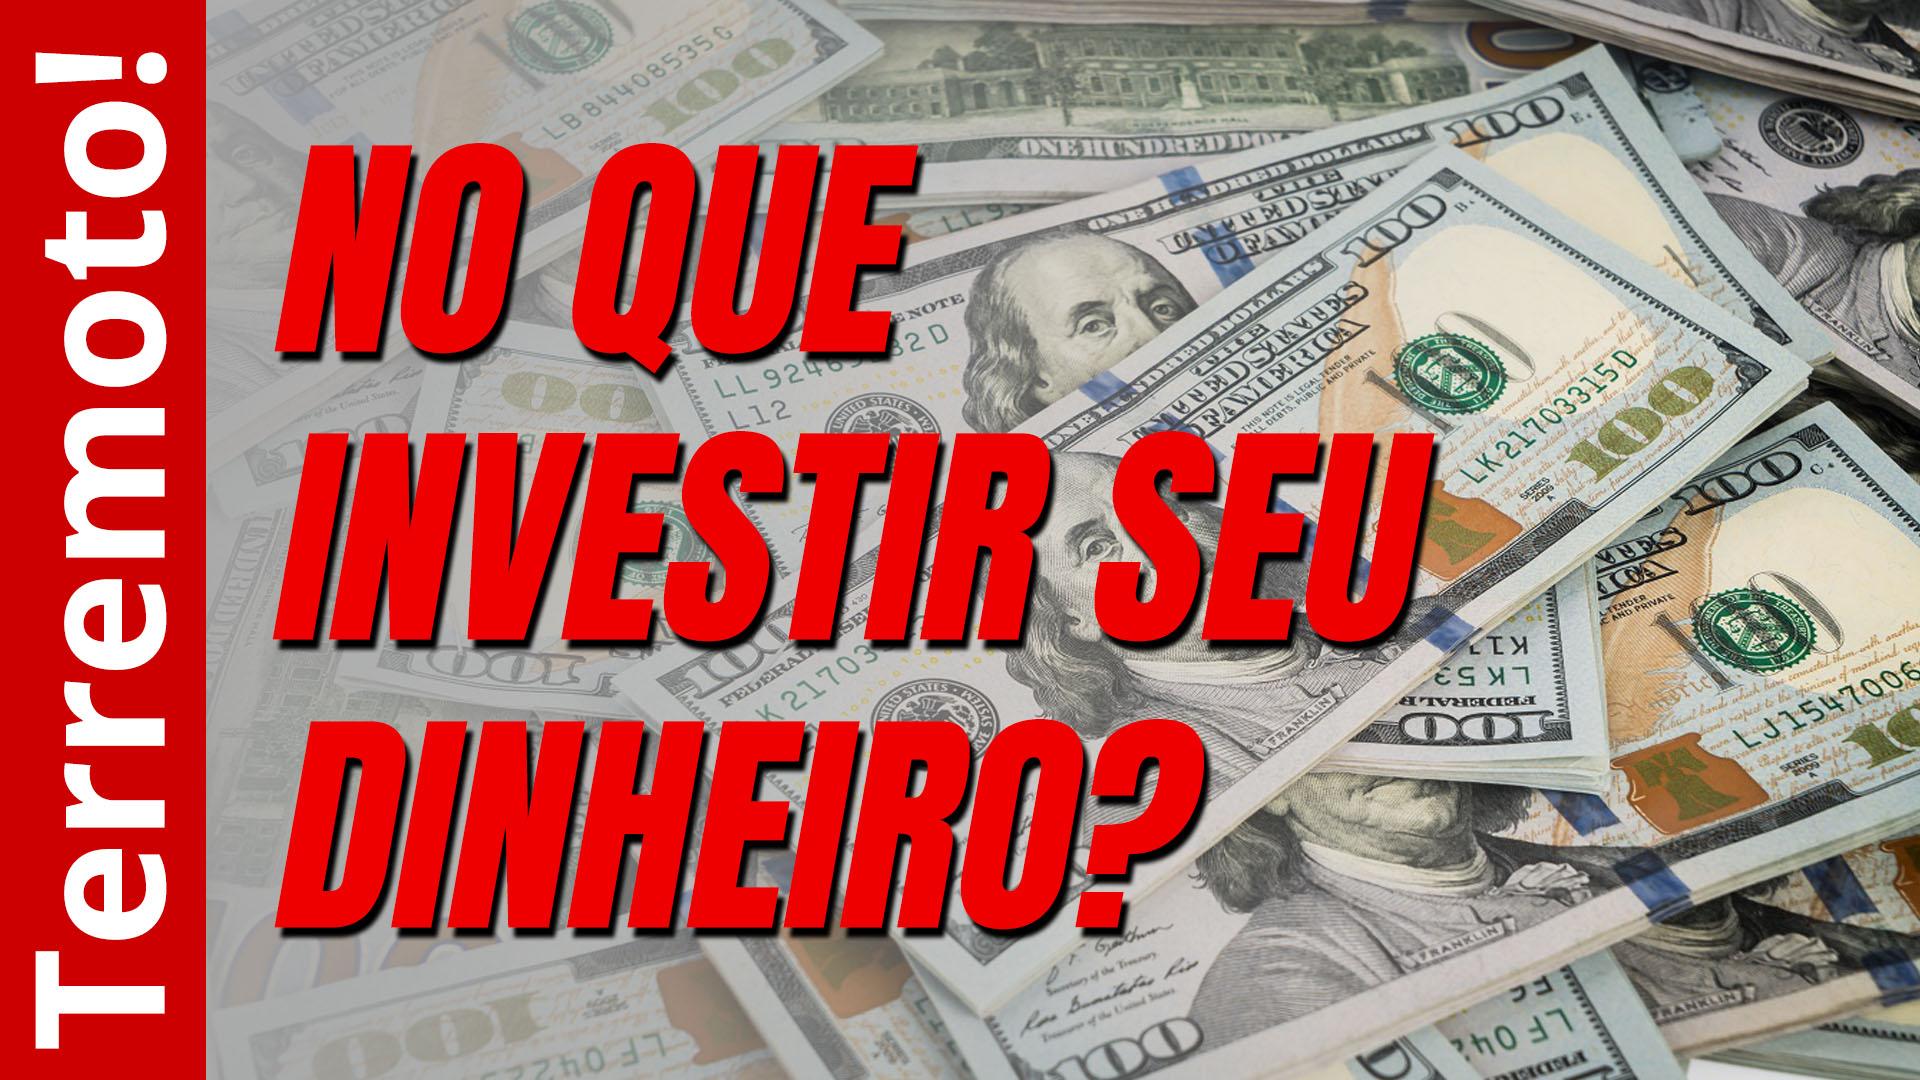 No que investir seu dinheiro?